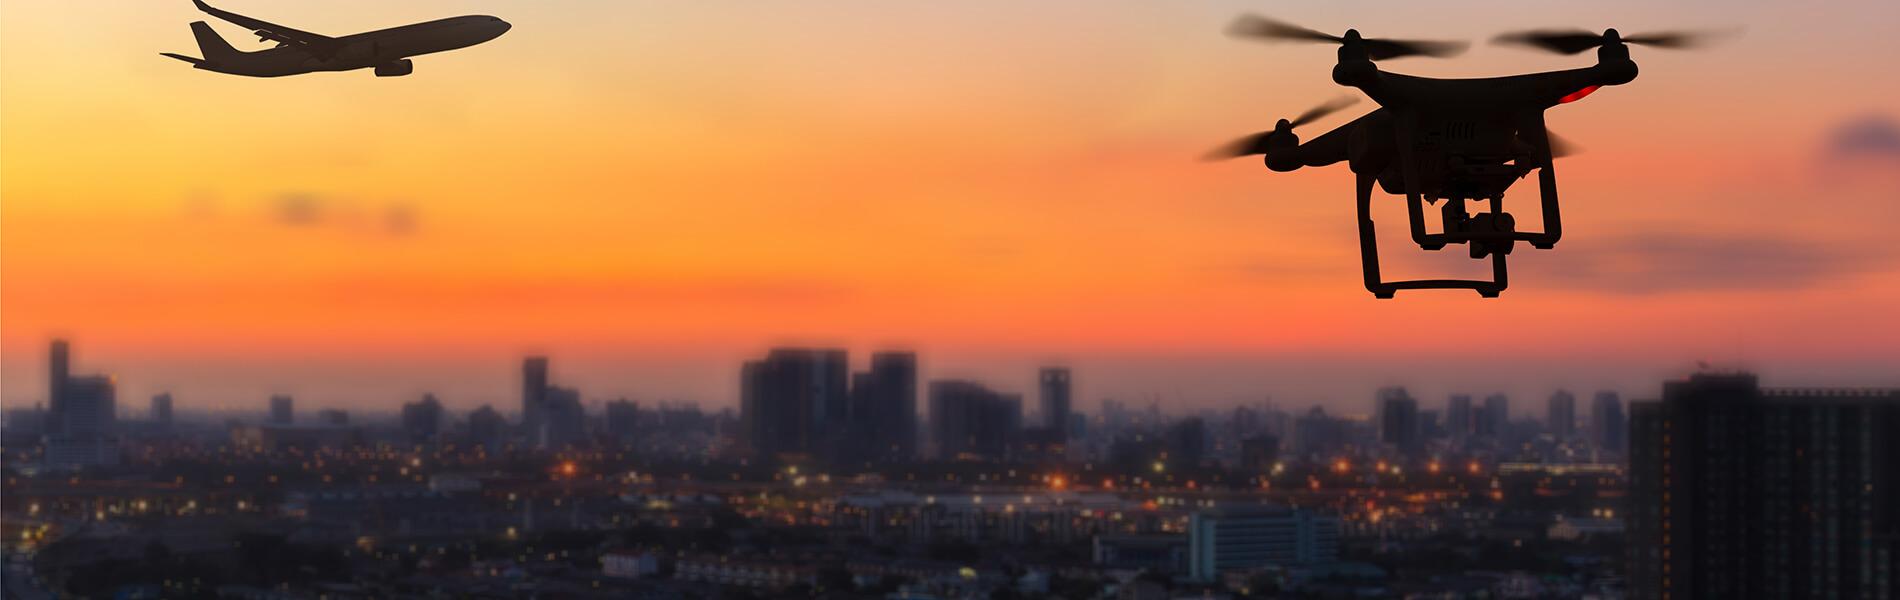 Überwachung von Drohnenflügen:  DFS und Telekom haben Joint Venture Droniq gegründet